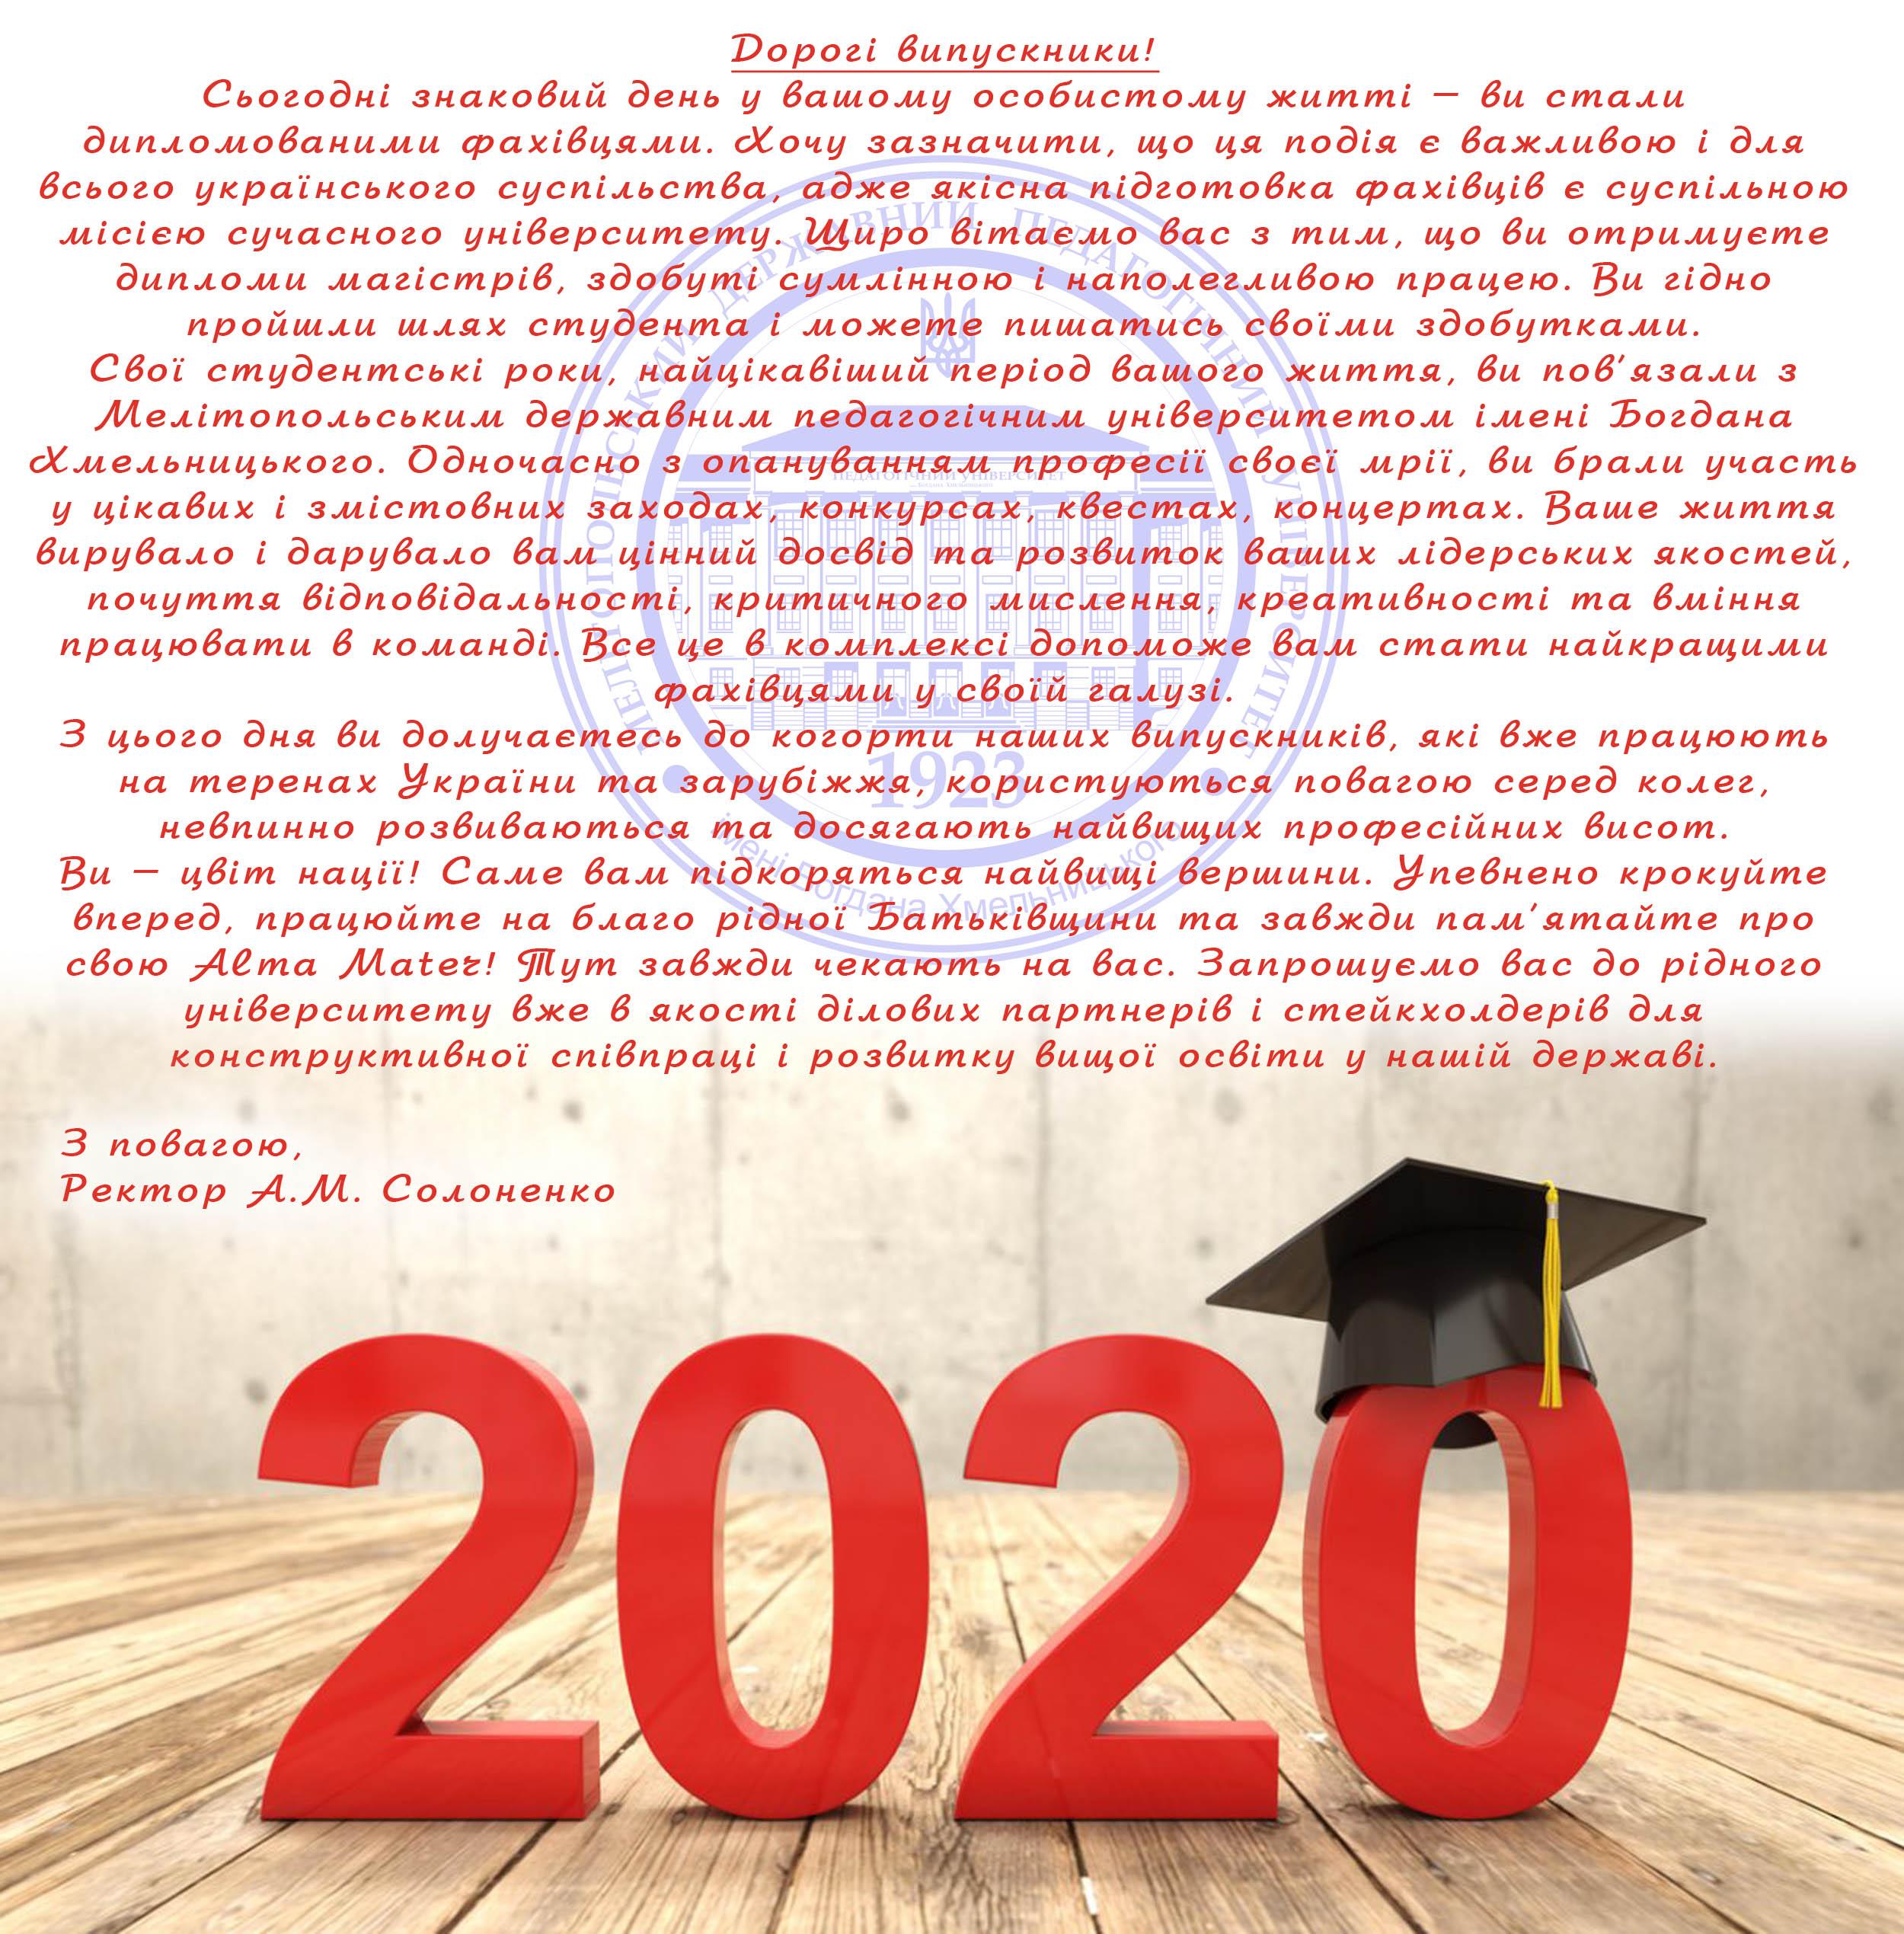 Вітання випускникам від ректора університету Анатолія Солоненка